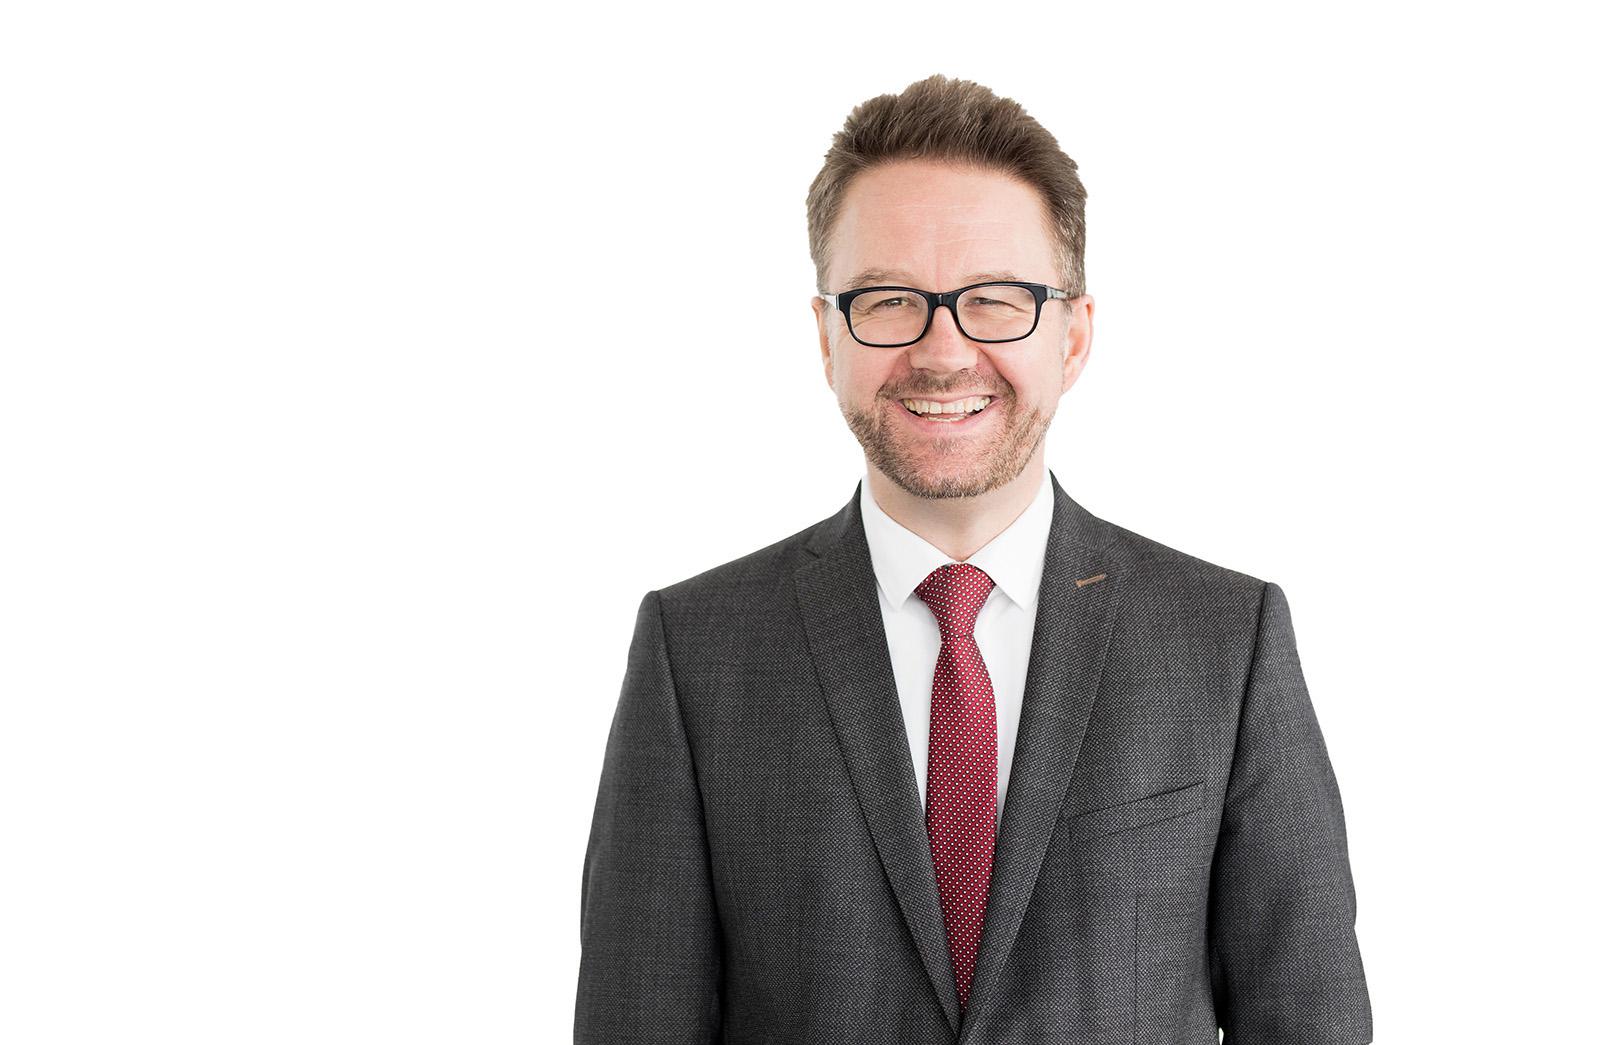 Matthias Lichtenthaler